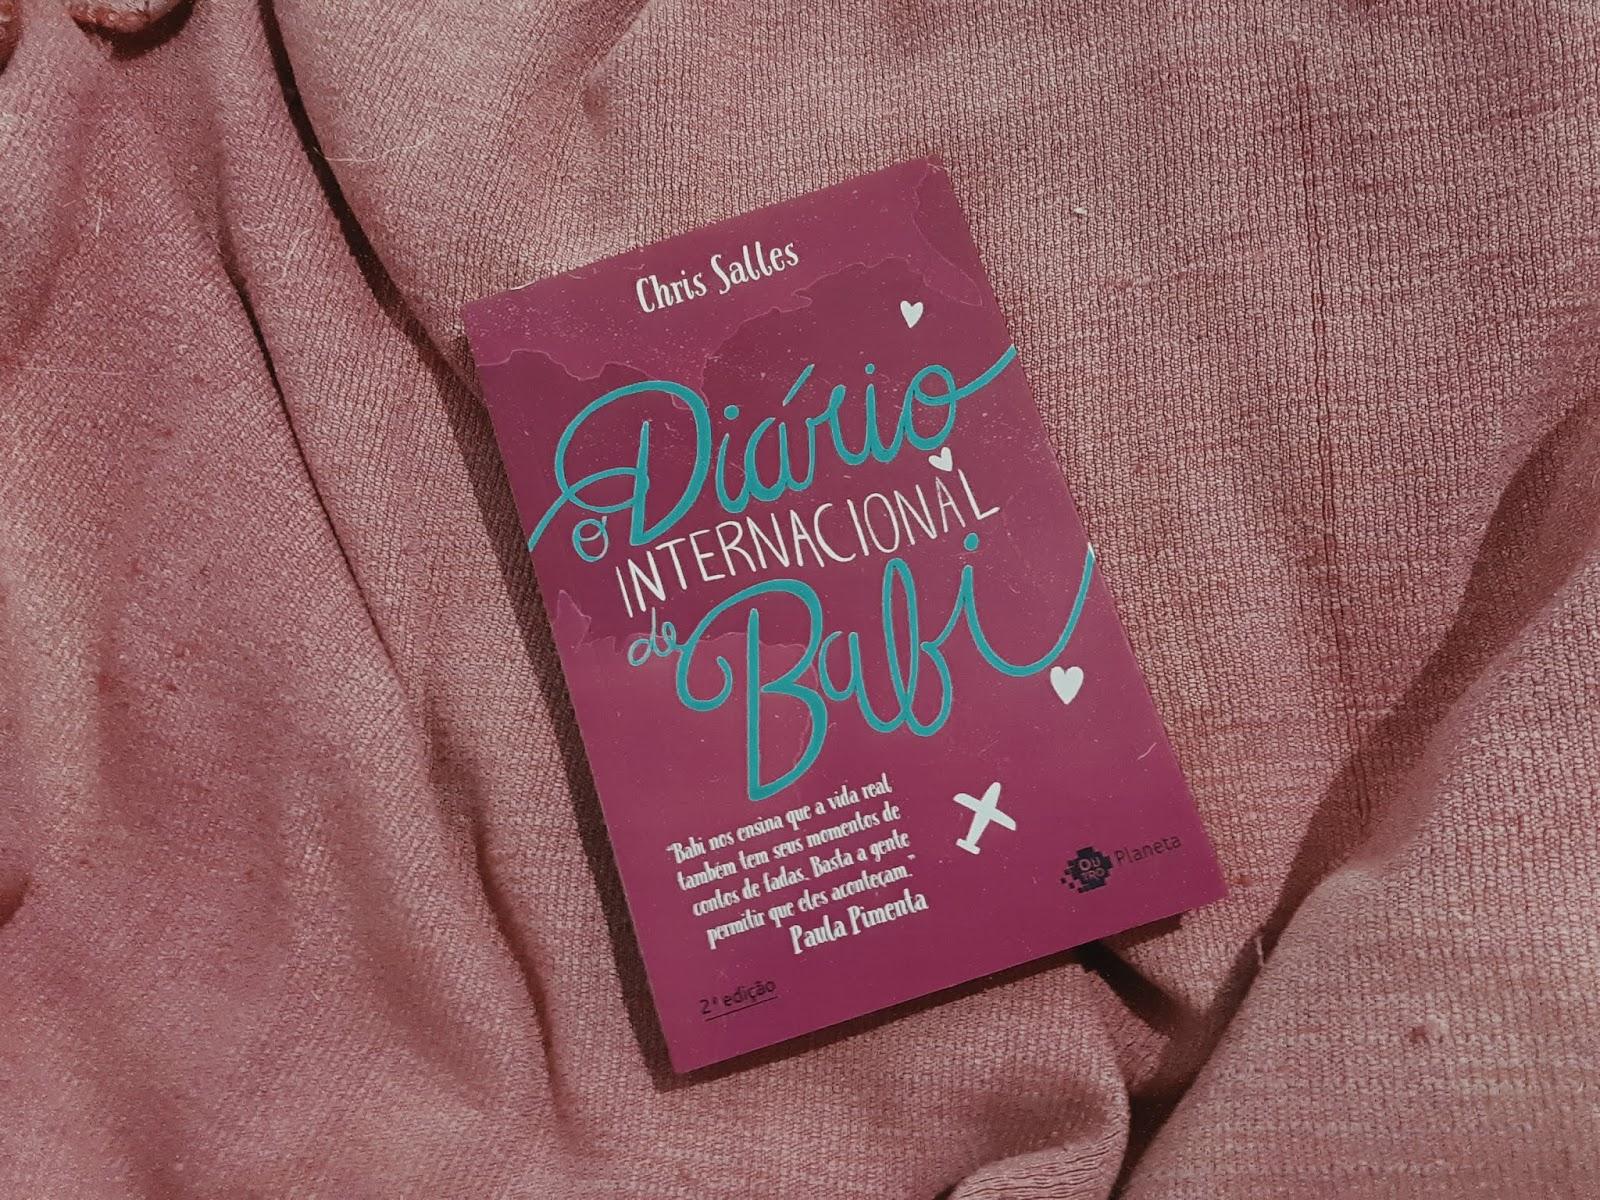 35ª Feira do Livro de Brasília: o que eu comprei